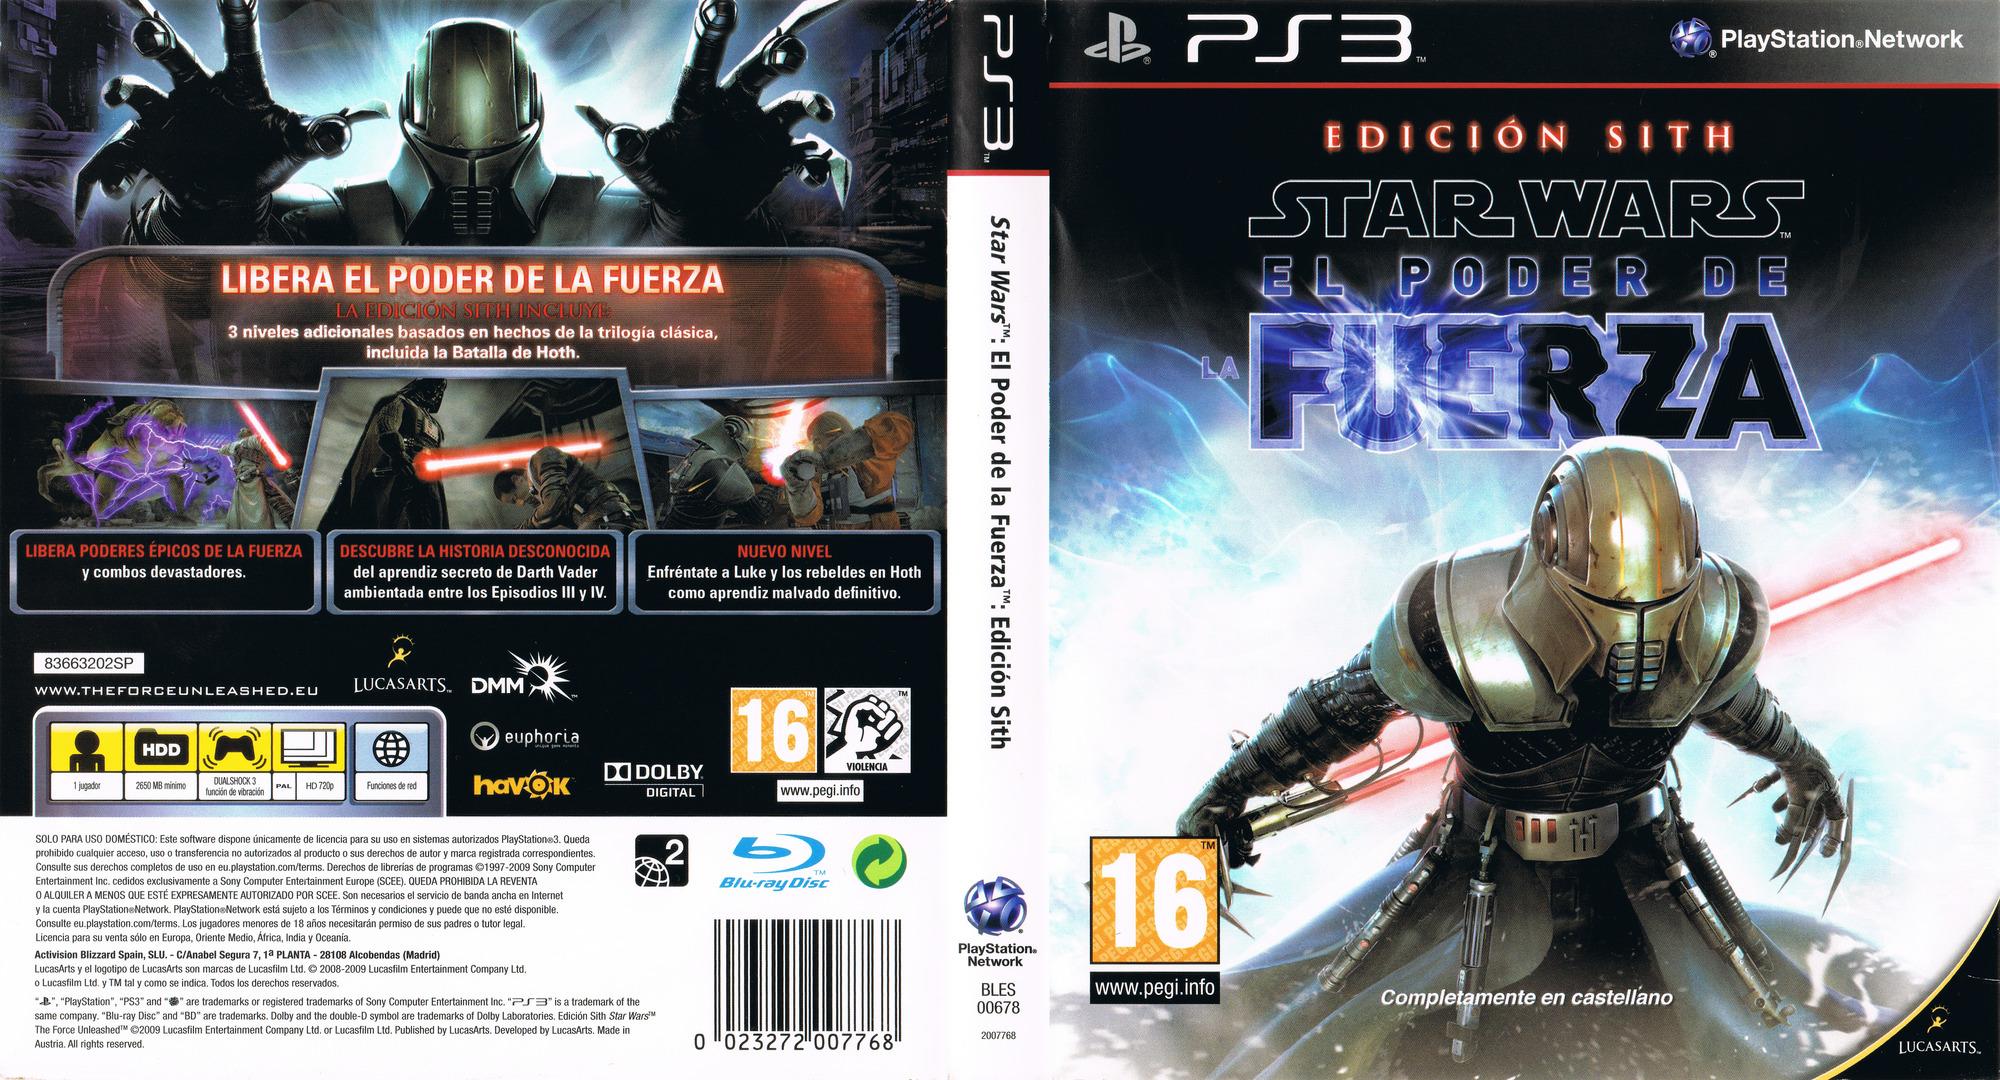 Star Wars: El Poder de la Fuerza: Edición Sith PS3 coverfullHQ (BLES00678)